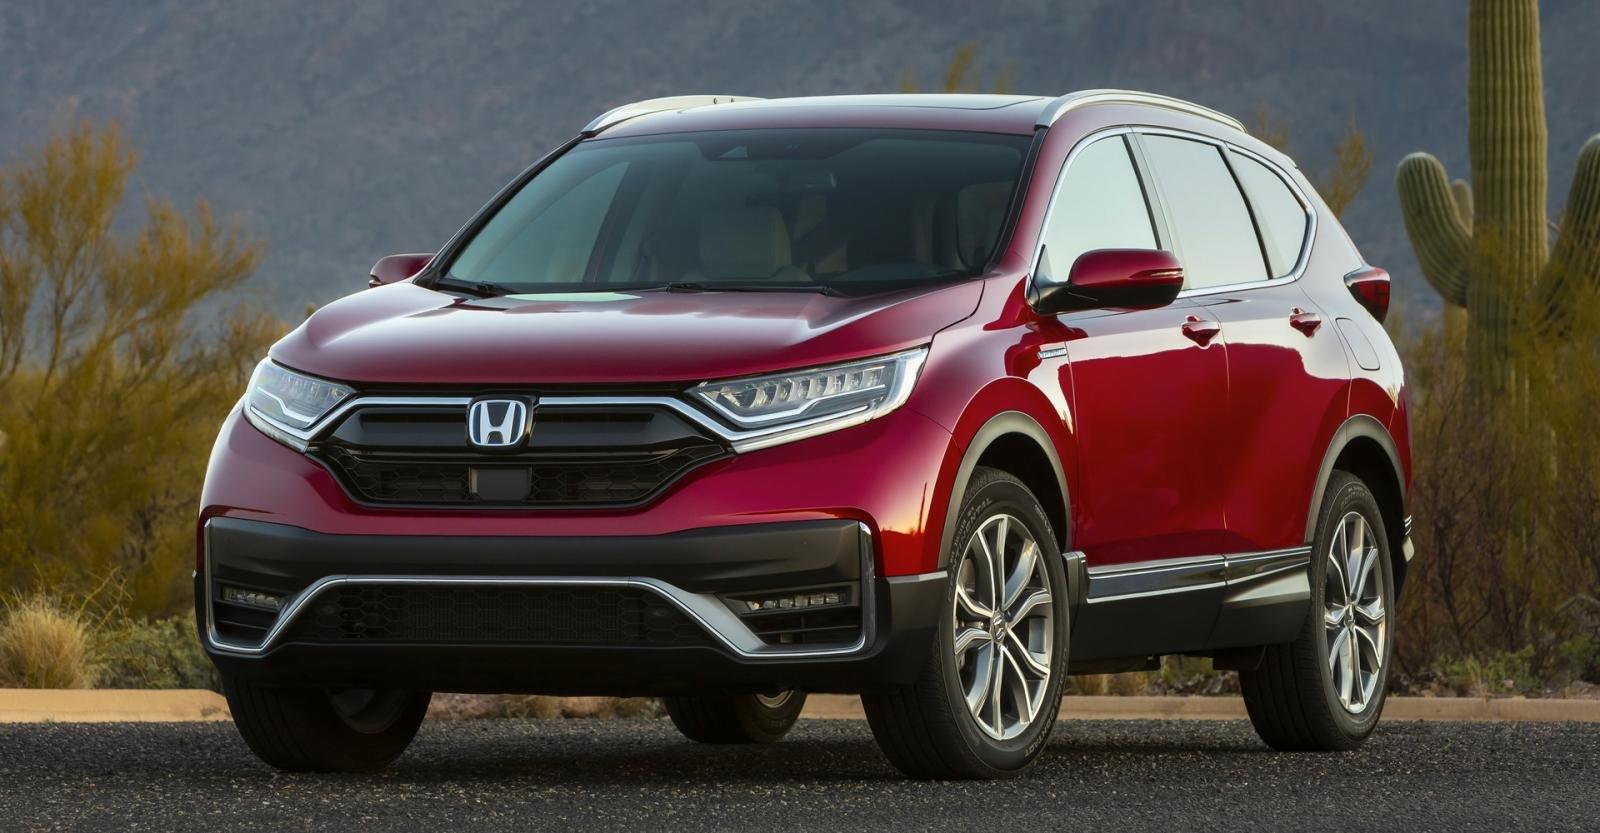 Honda CR-V tiếp tục giữ vững doanh số dù trong giai đoạn gặp nhiều trở ngại.